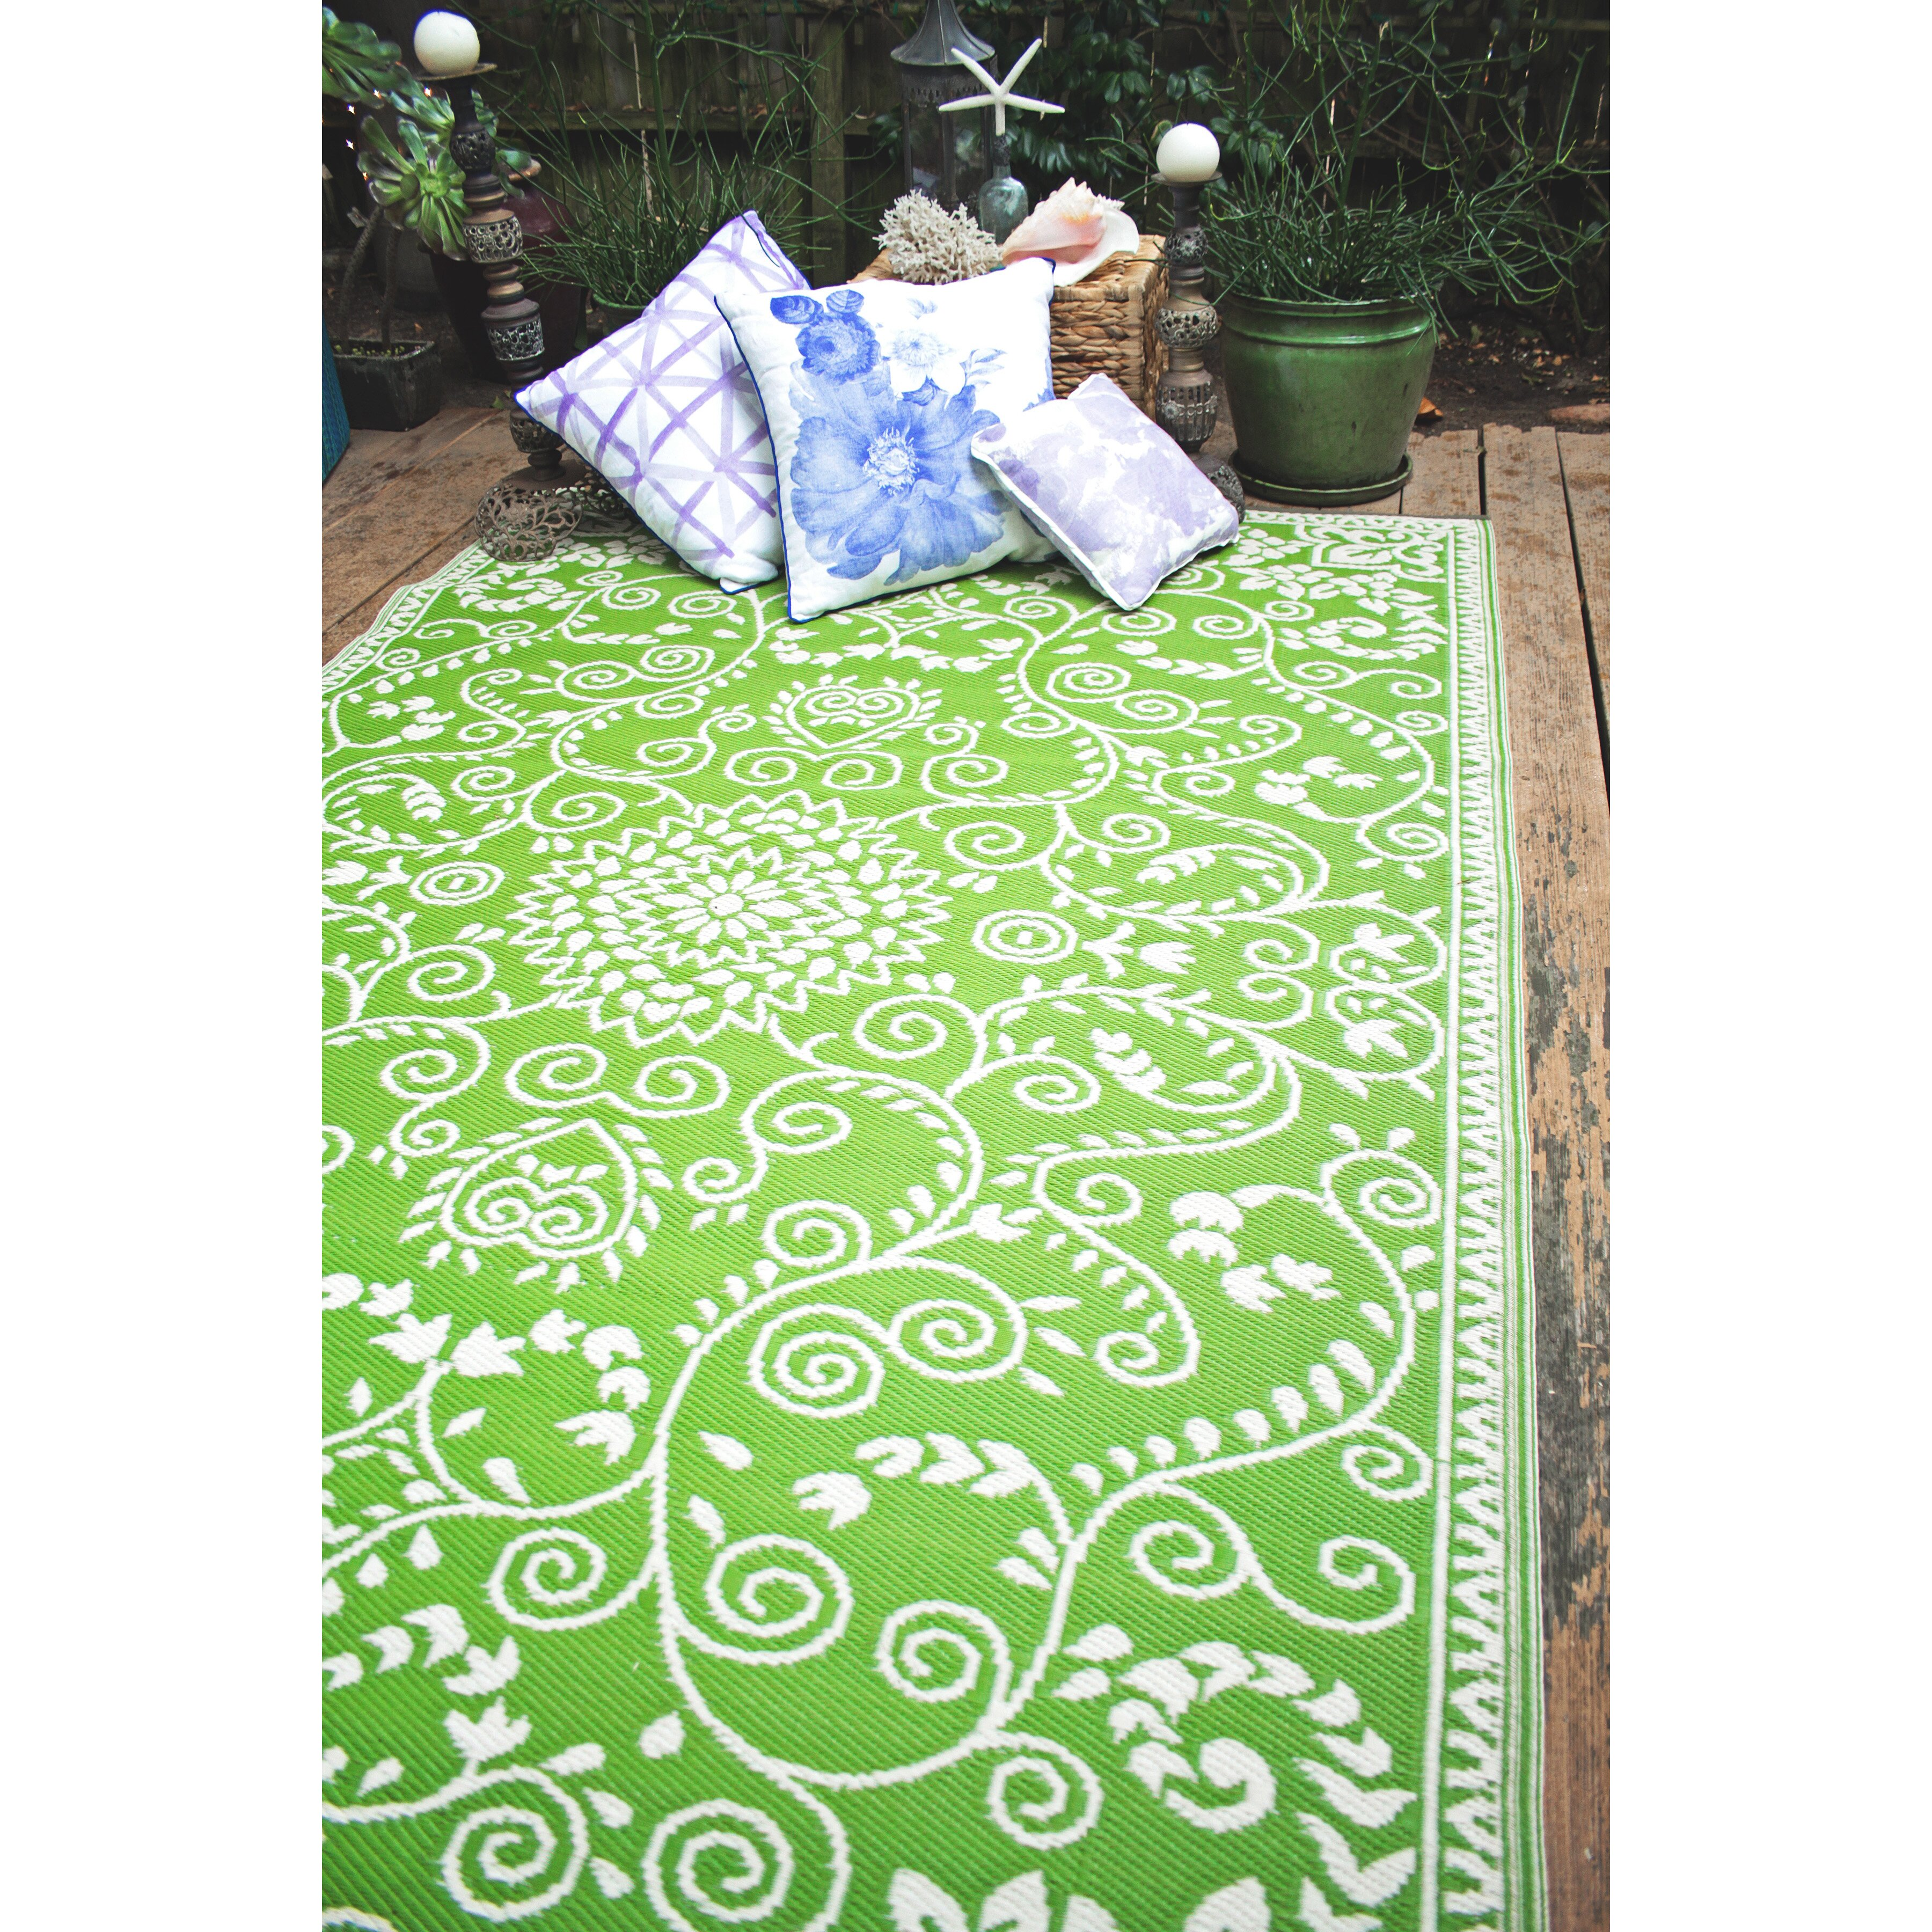 Green Patio Rug 5x7: Fab Habitat World Murano Lime Green Indoor/Outdoor Area